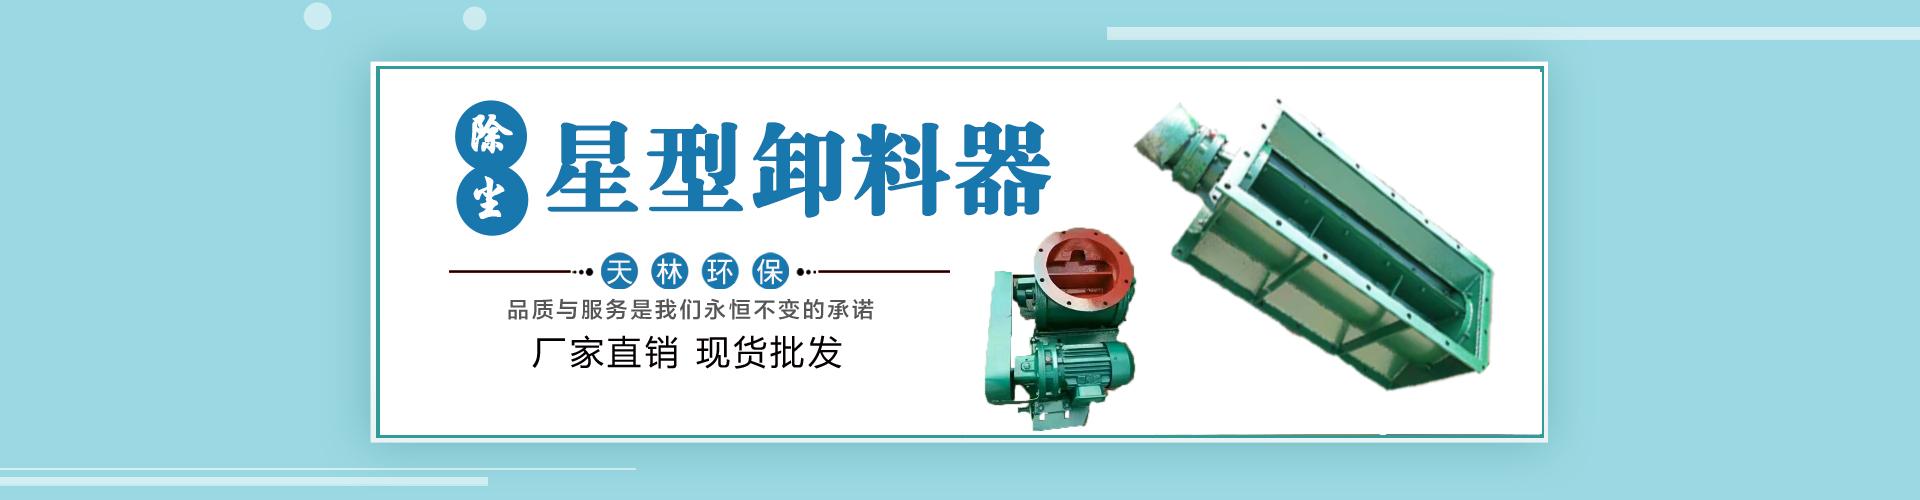 天林环保星型卸料器生产厂家